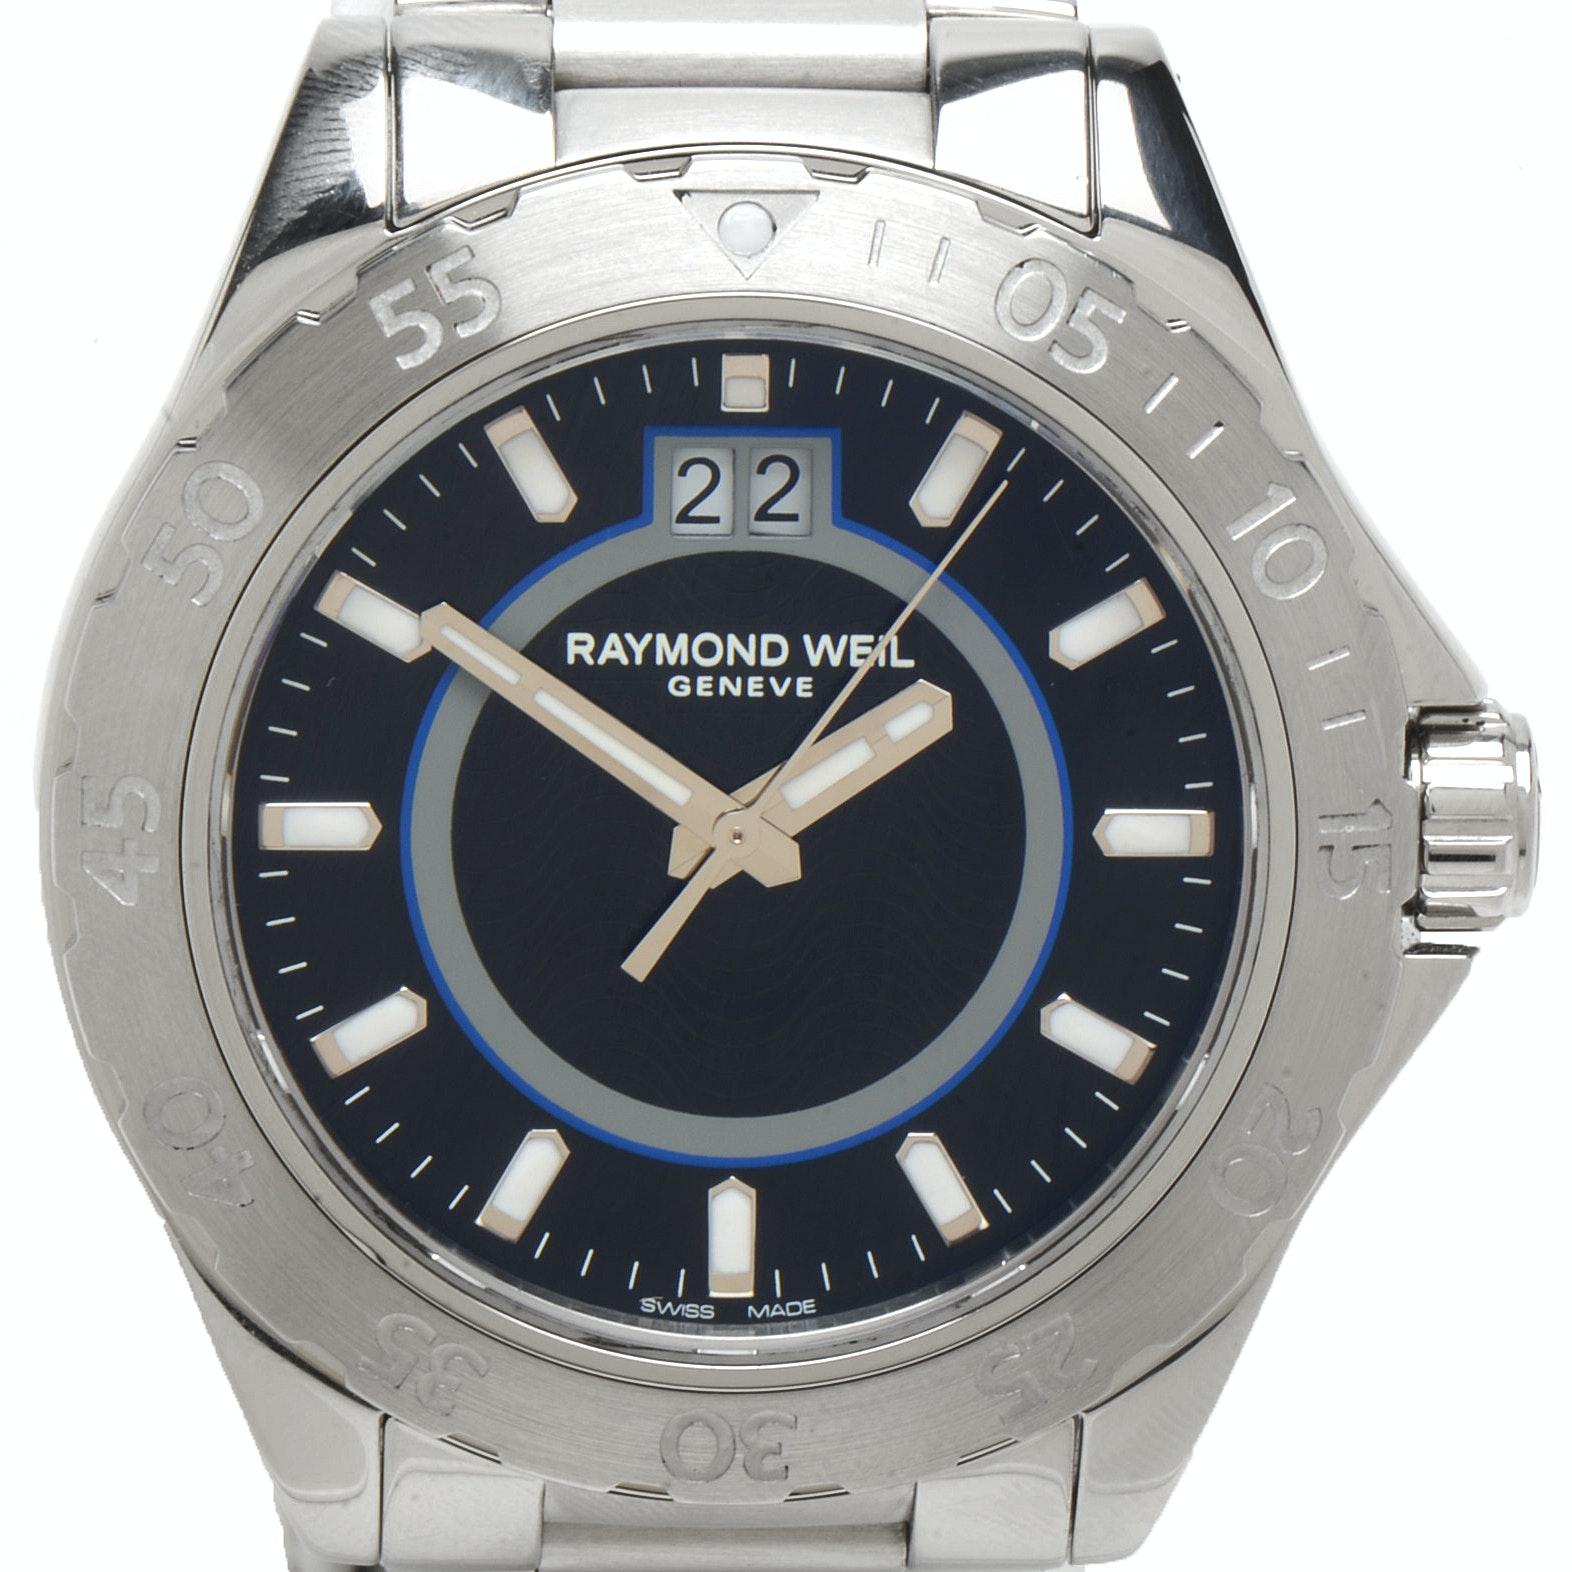 Raymond Weil RW Sport Black 44mm Stainless Steel Wristwatch